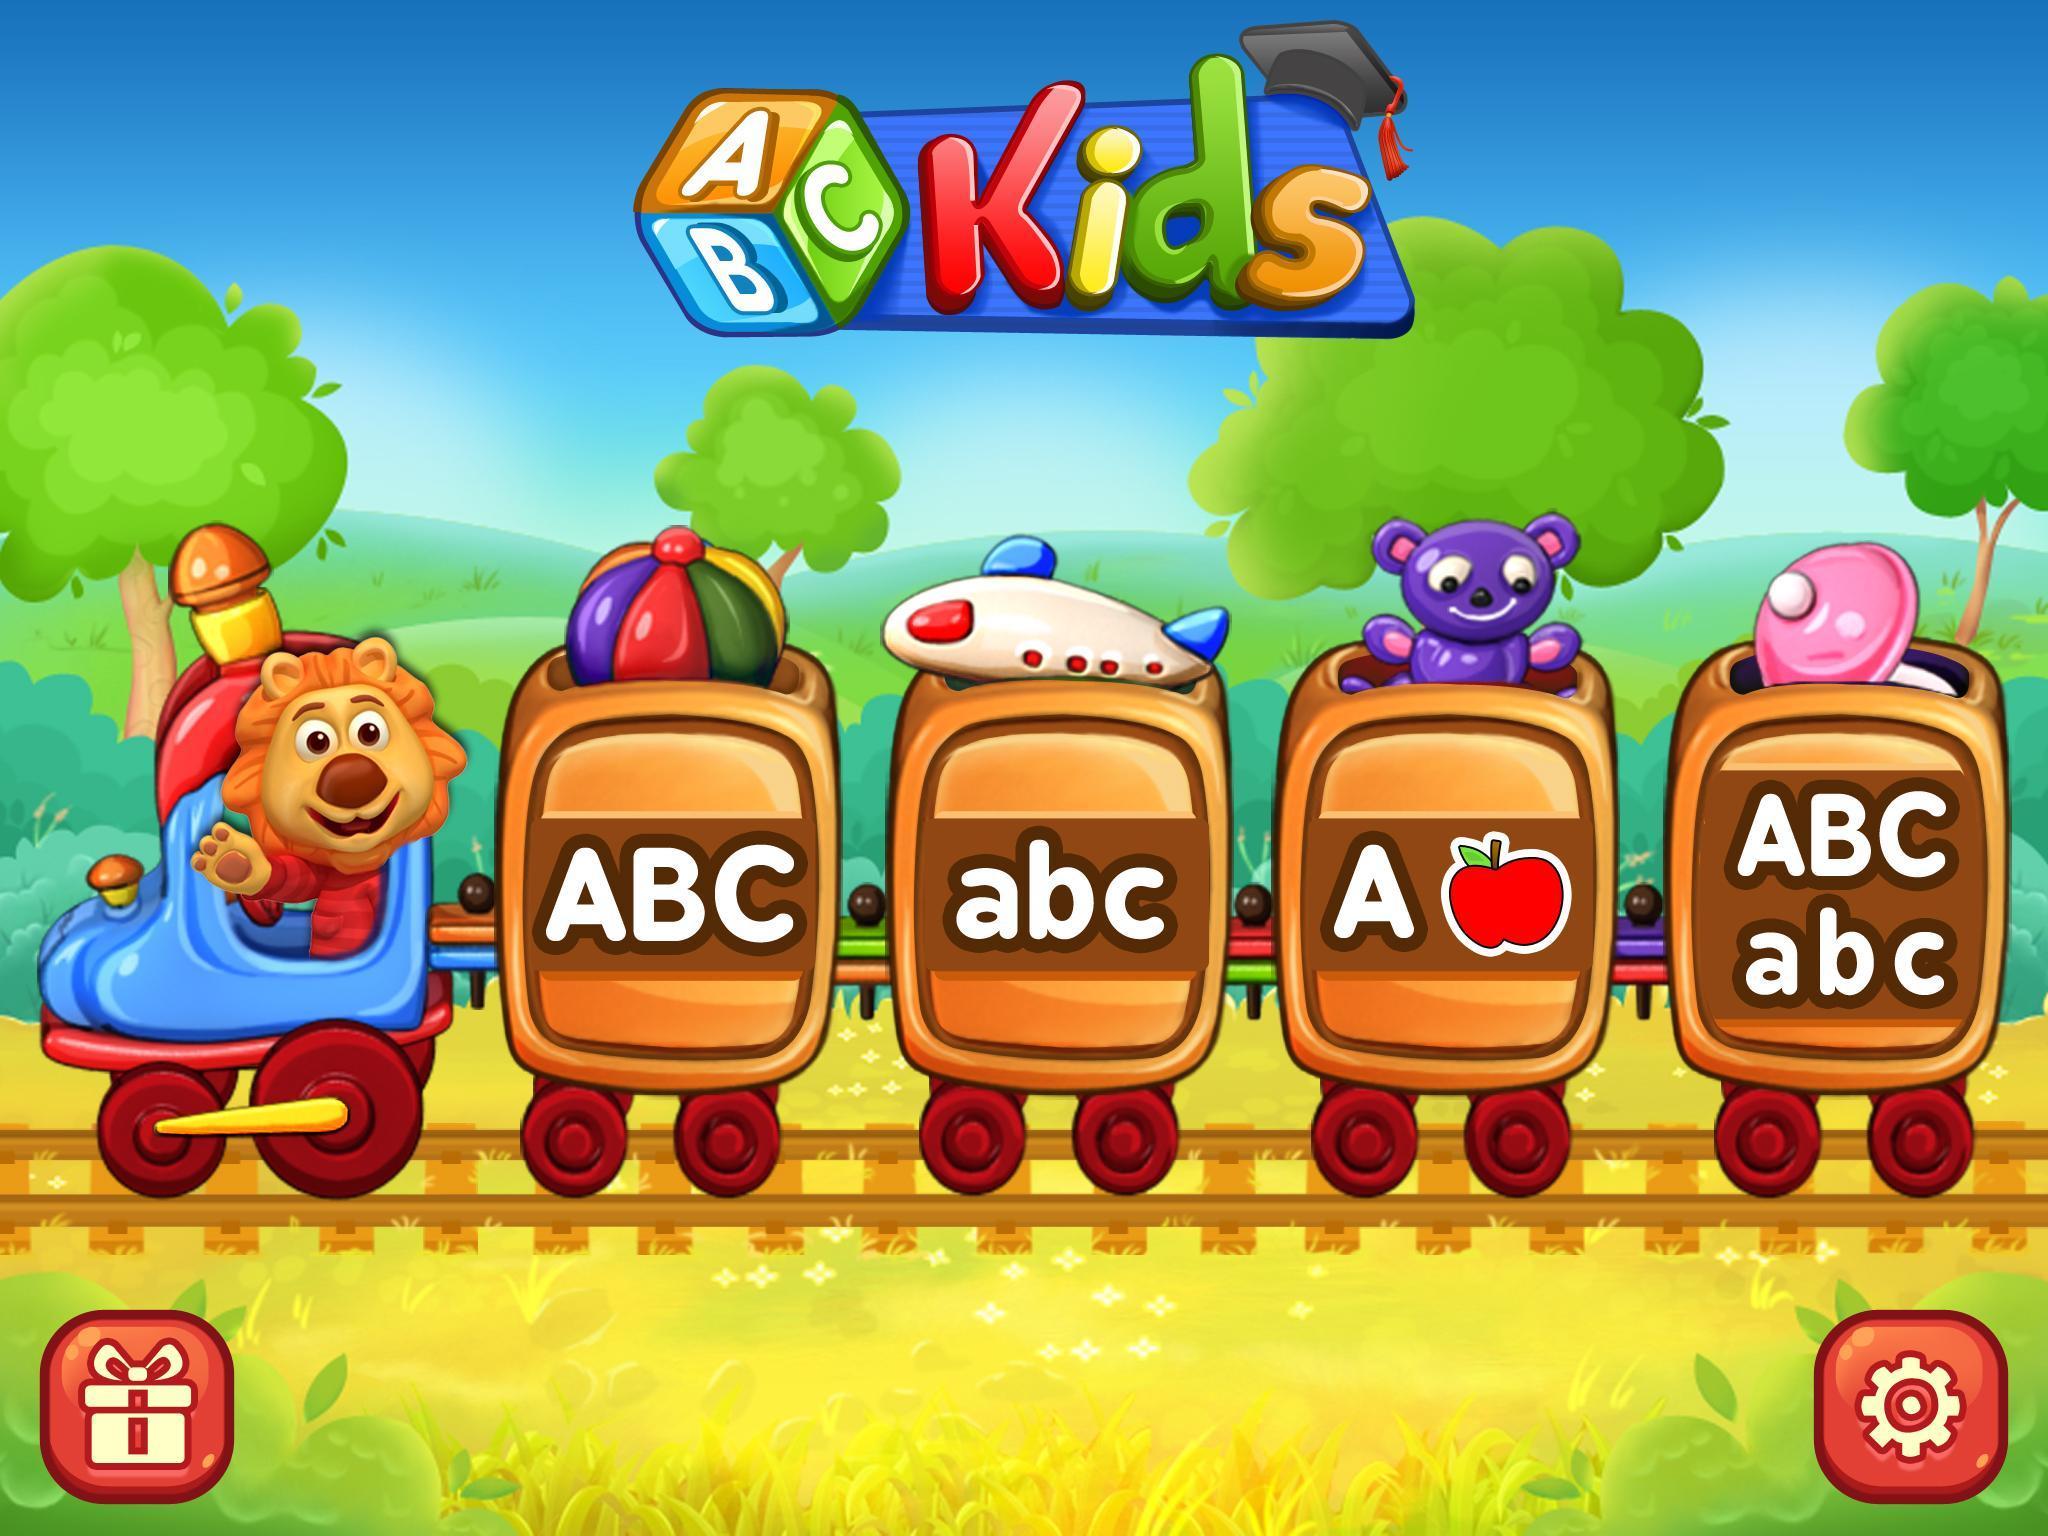 Phần mềm học tiếng anh cho trẻ em mẫu giáo